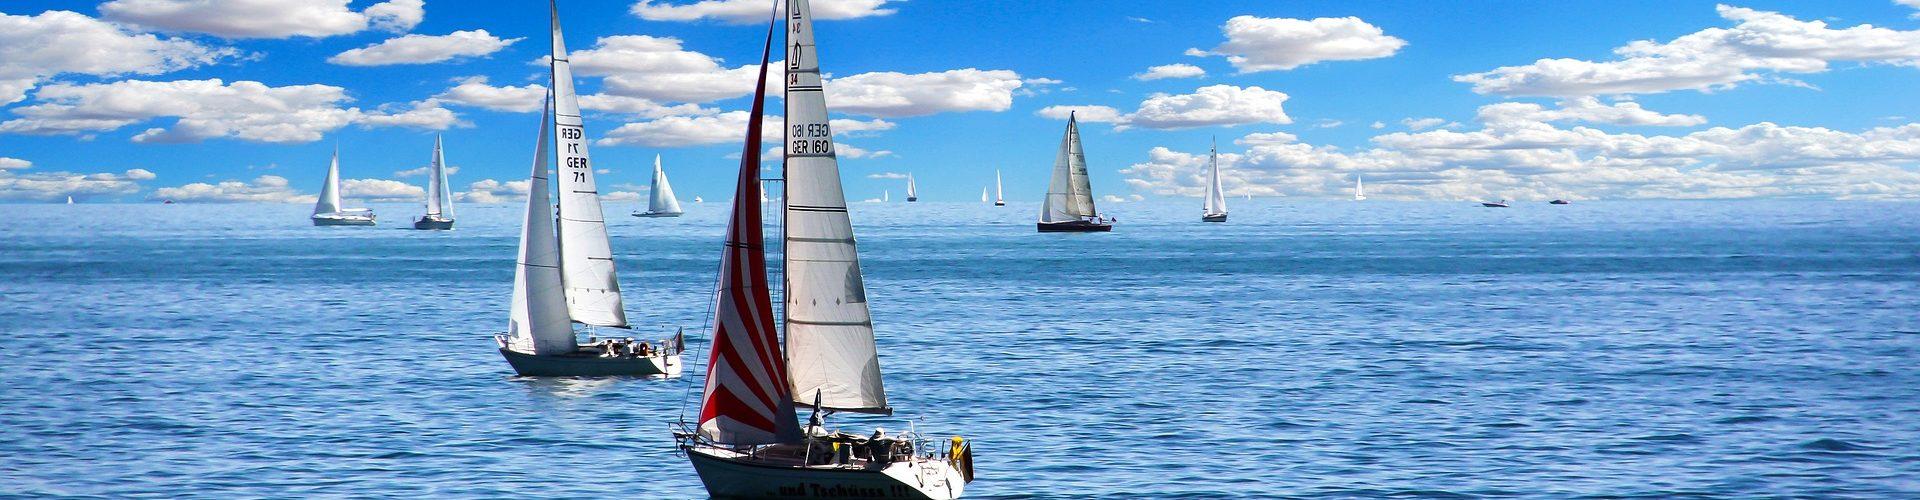 segeln lernen in Wesel segelschein machen in Wesel 1920x500 - Segeln lernen in Wesel